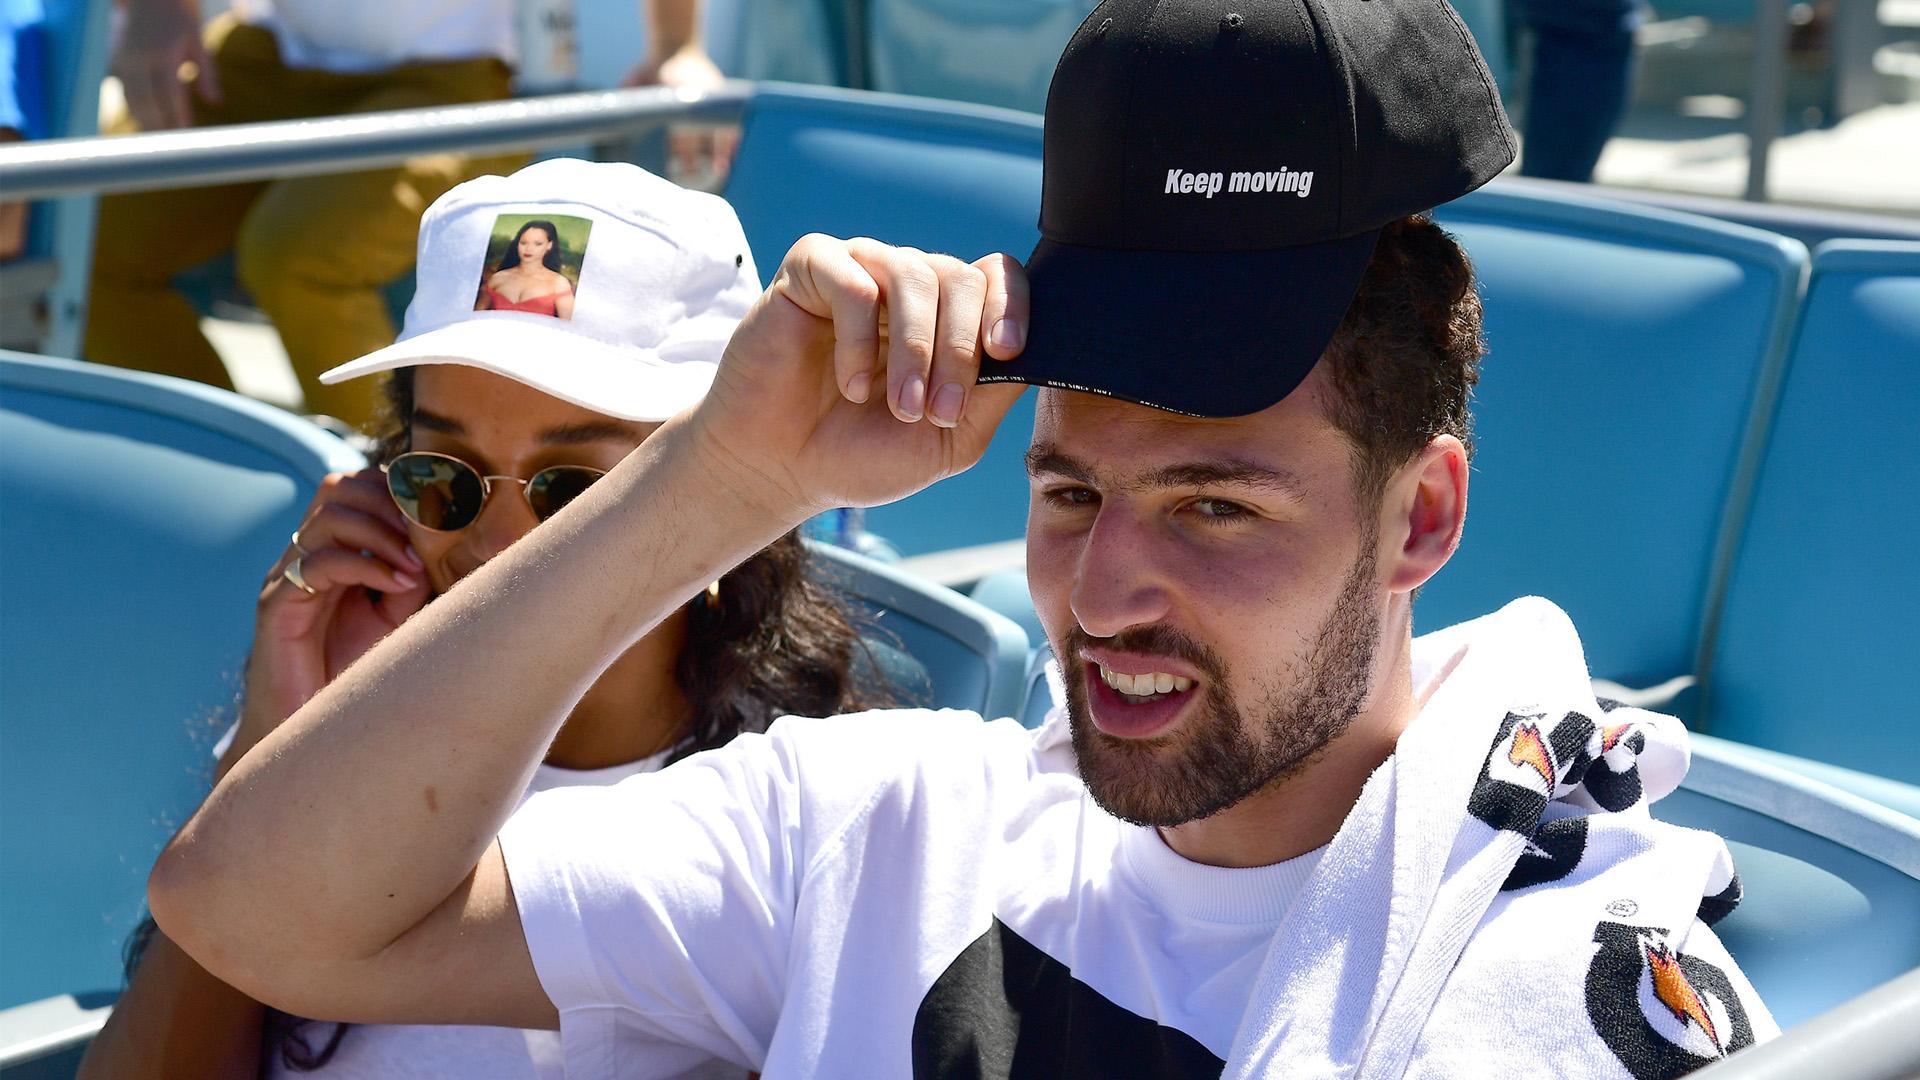 克莱:除了篮球最喜欢出门找乐子,爱好开船钓鱼山地骑车